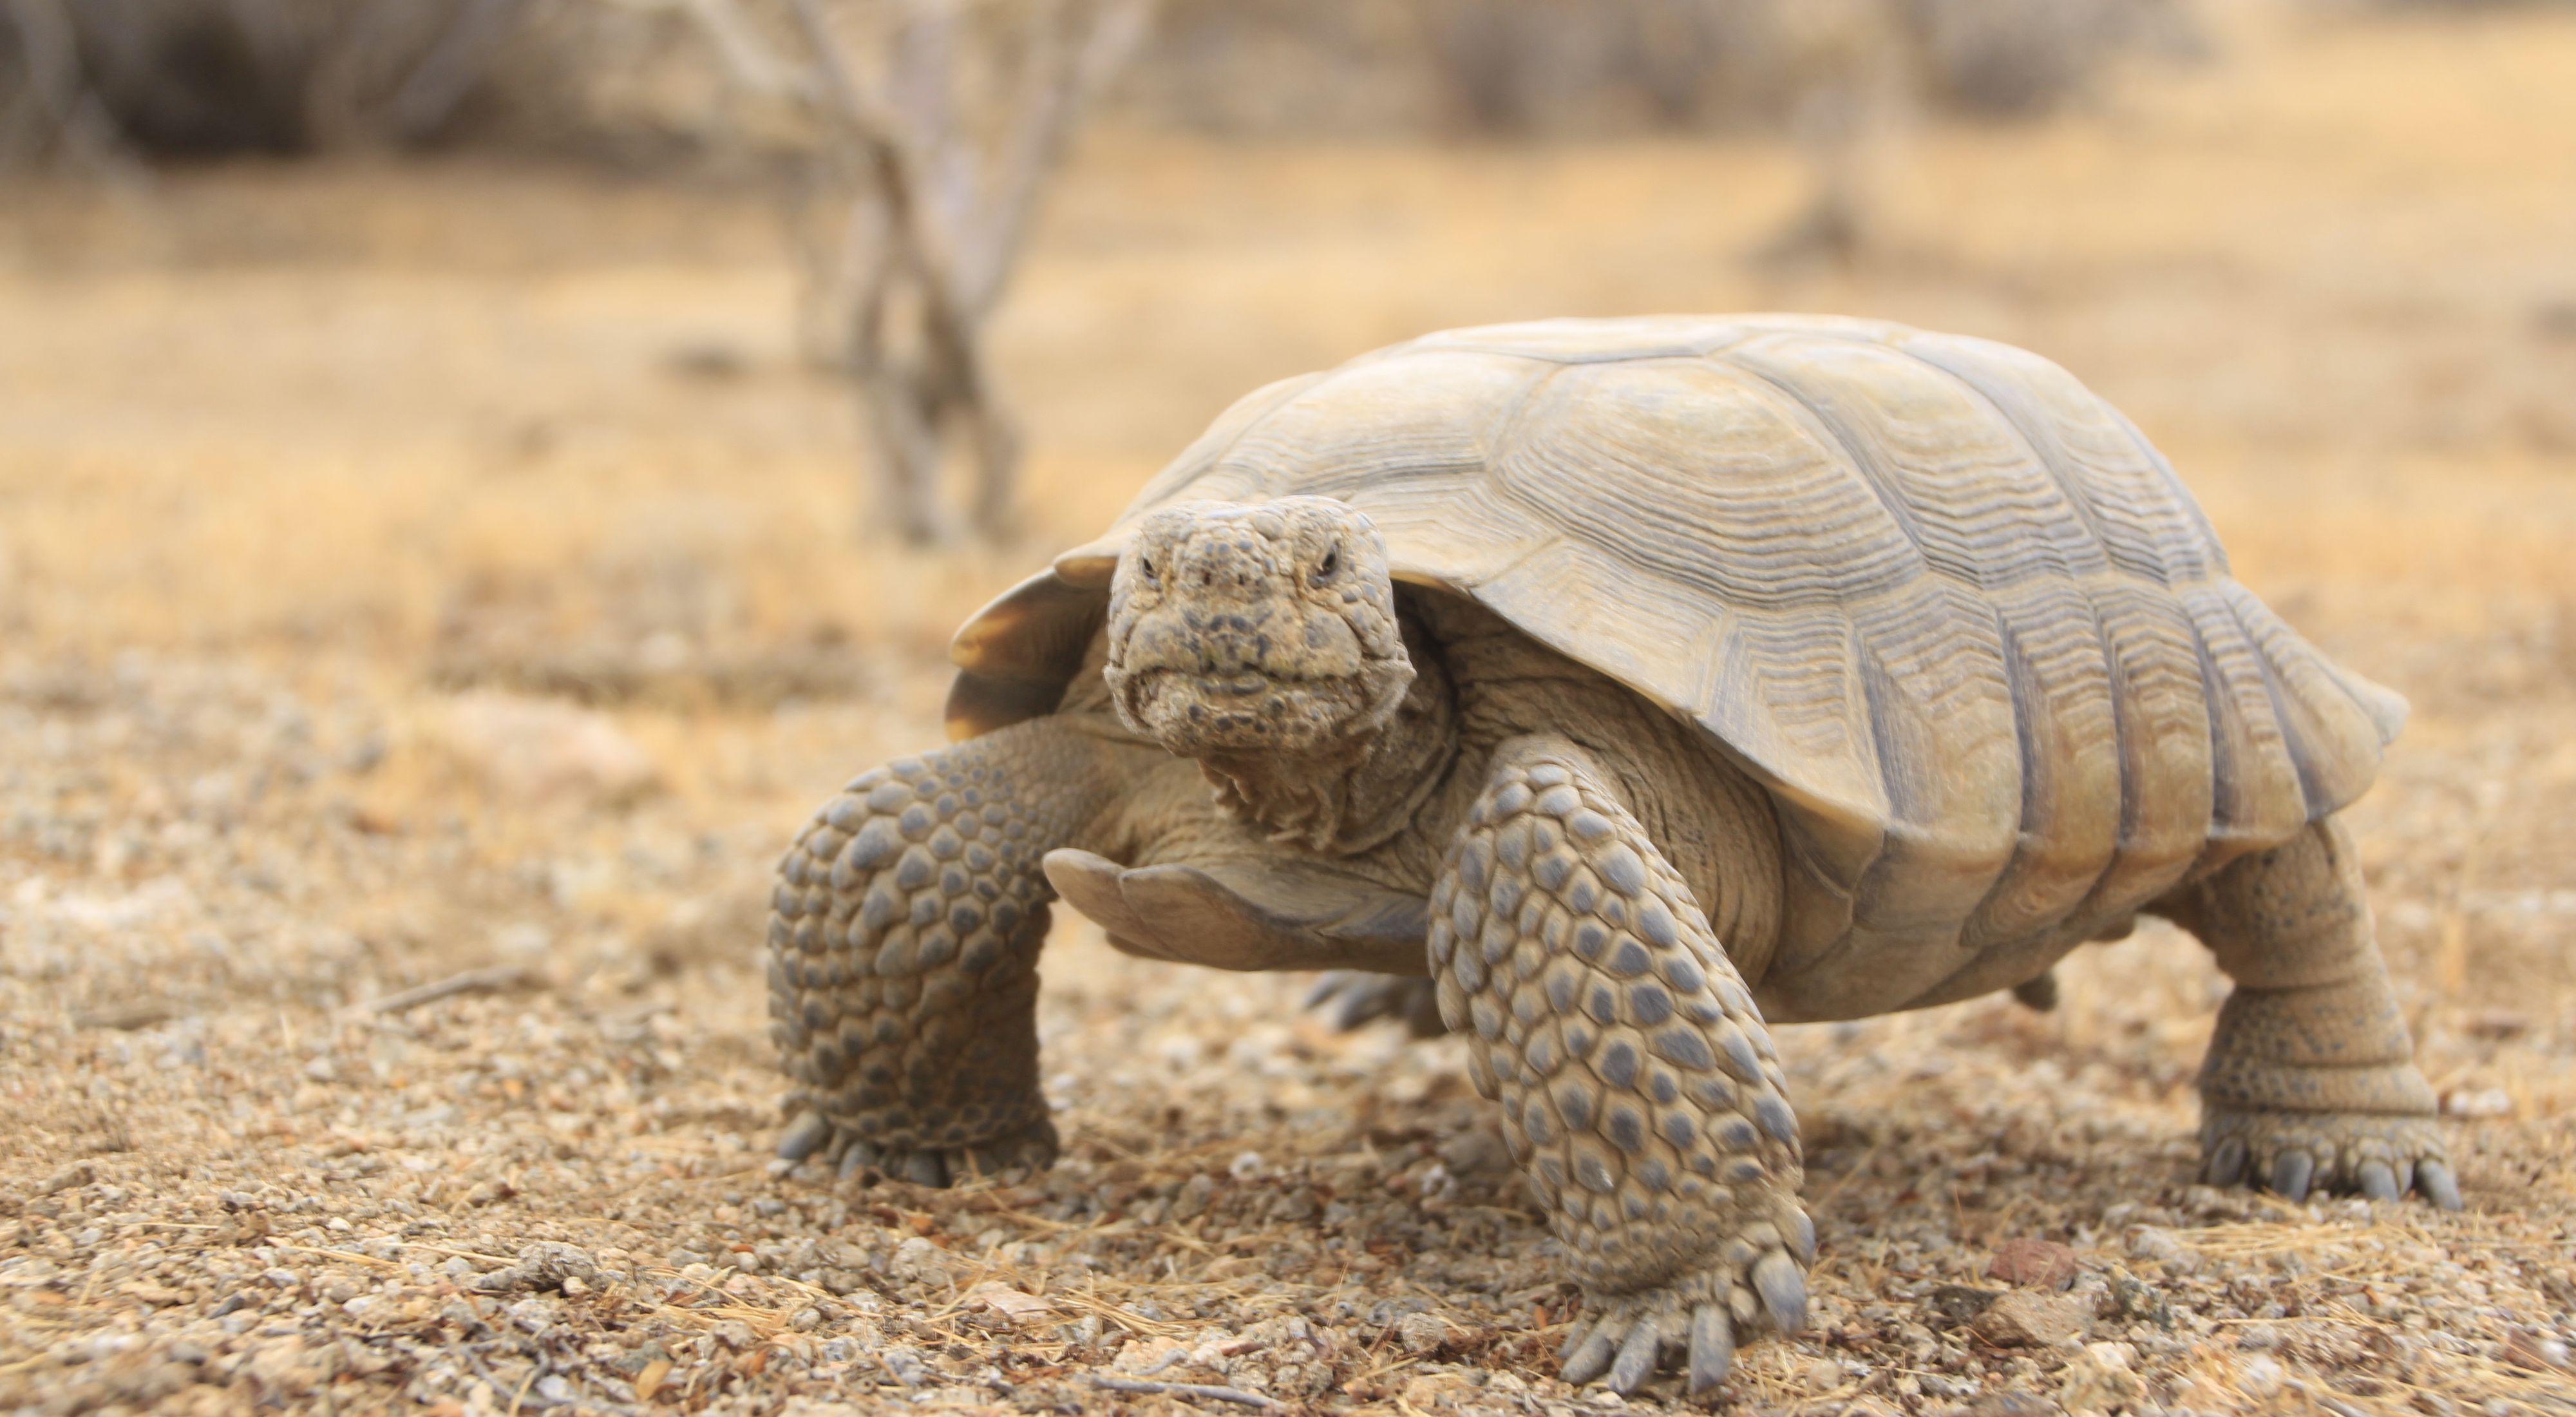 An adult desert tortoise stands in the desert.